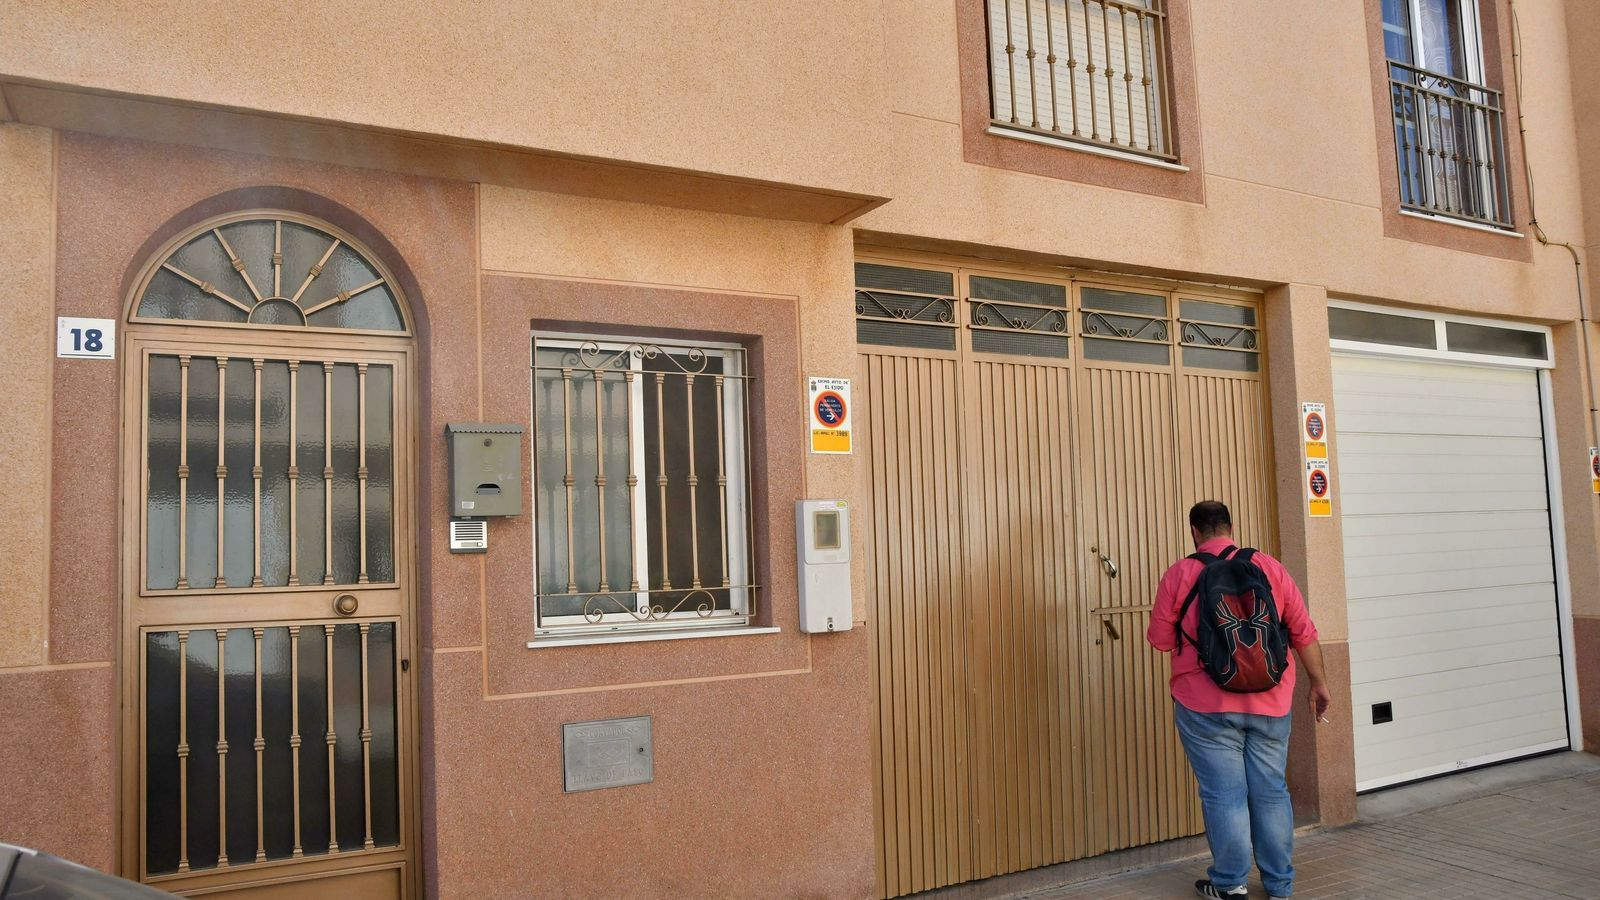 La Guàrdia Civil ha detingut a la barriada de Las Norias de Daza, a El Ejido (Almeria), una dona espanyola per la mort violenta del seu fill